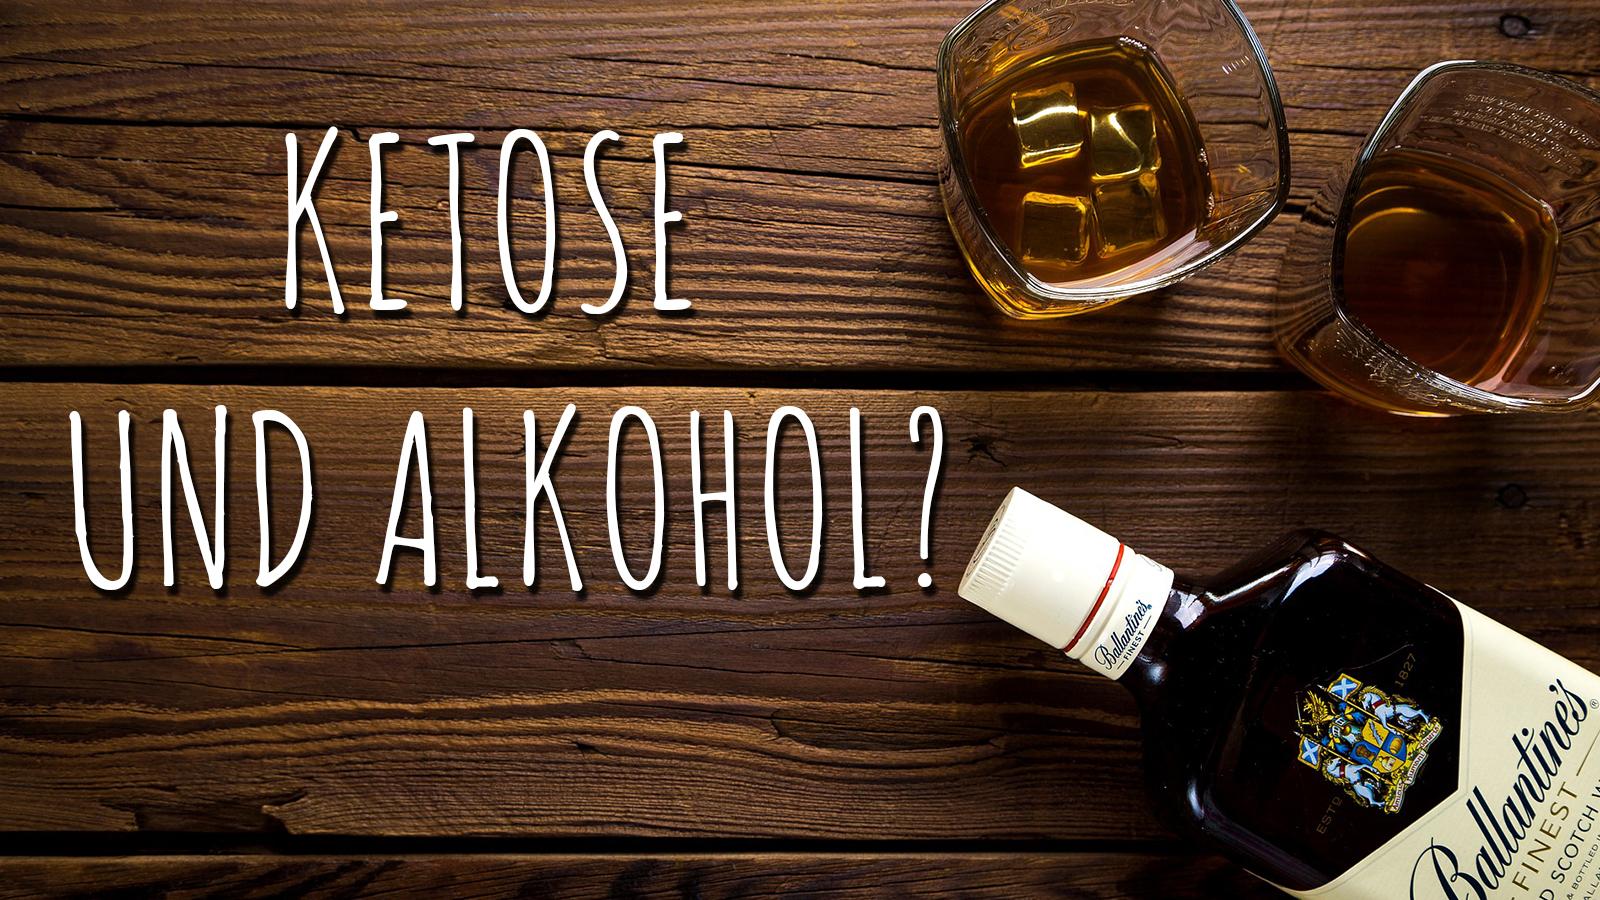 Ketose und Alkohol: Kann das funktionieren…